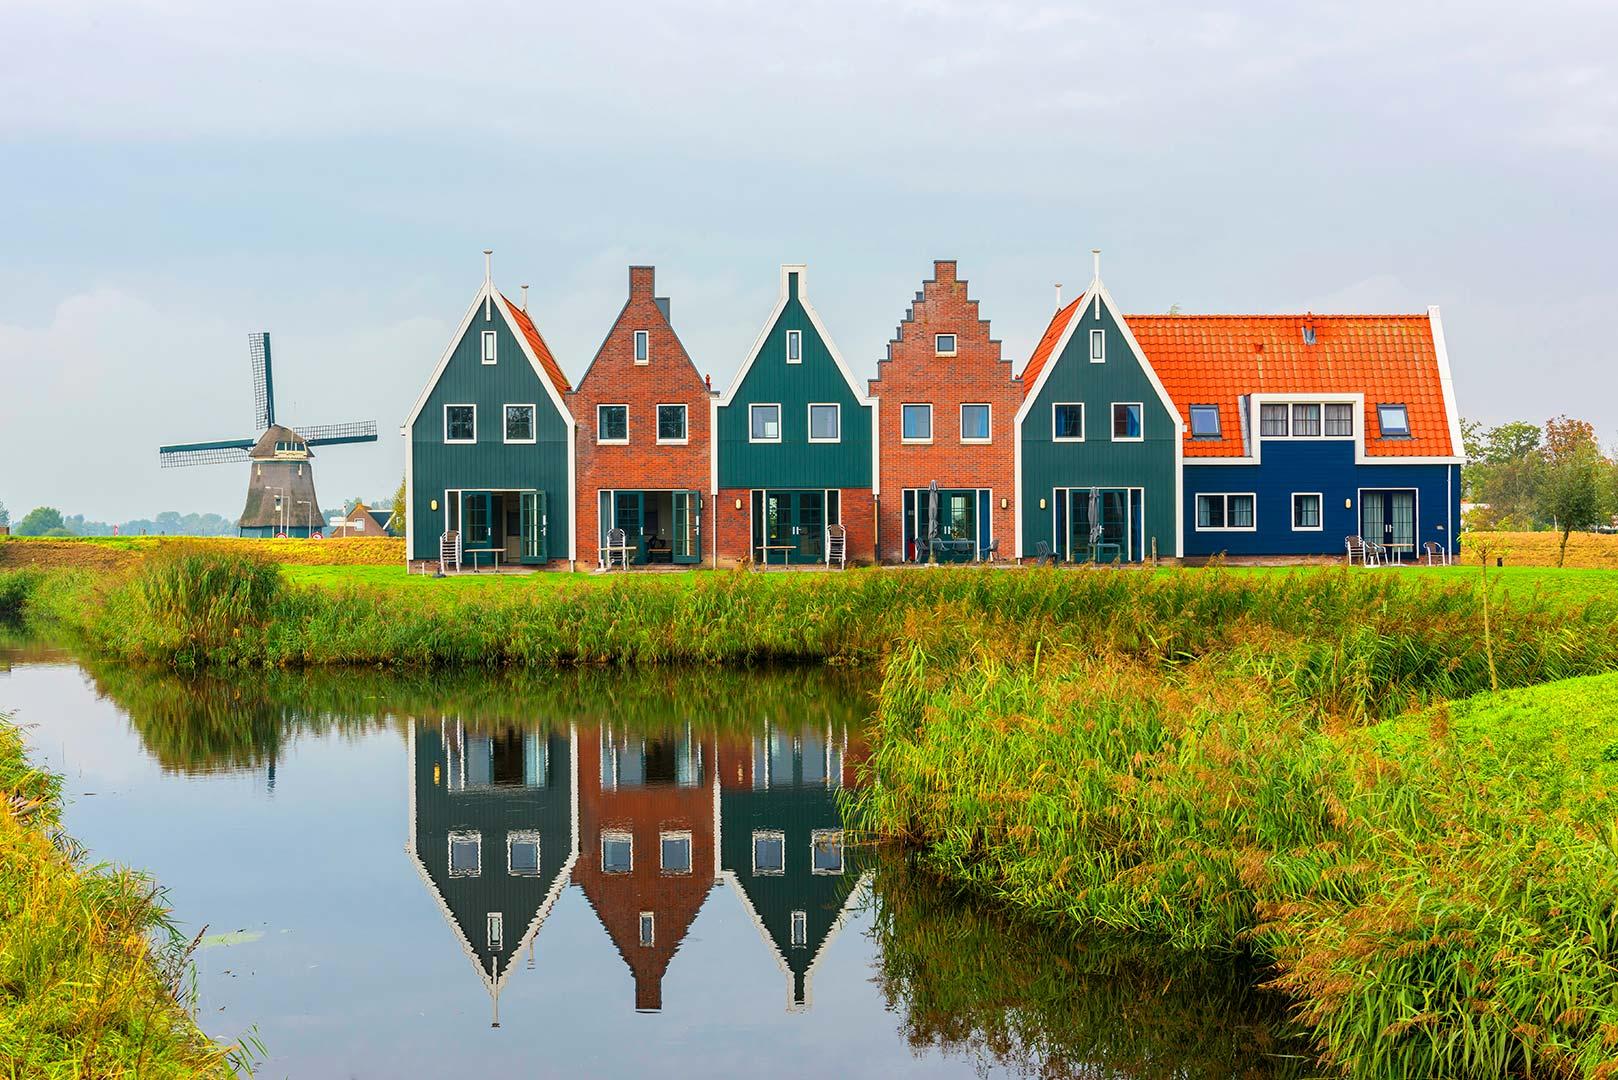 VOLENDAM, HOLLAND